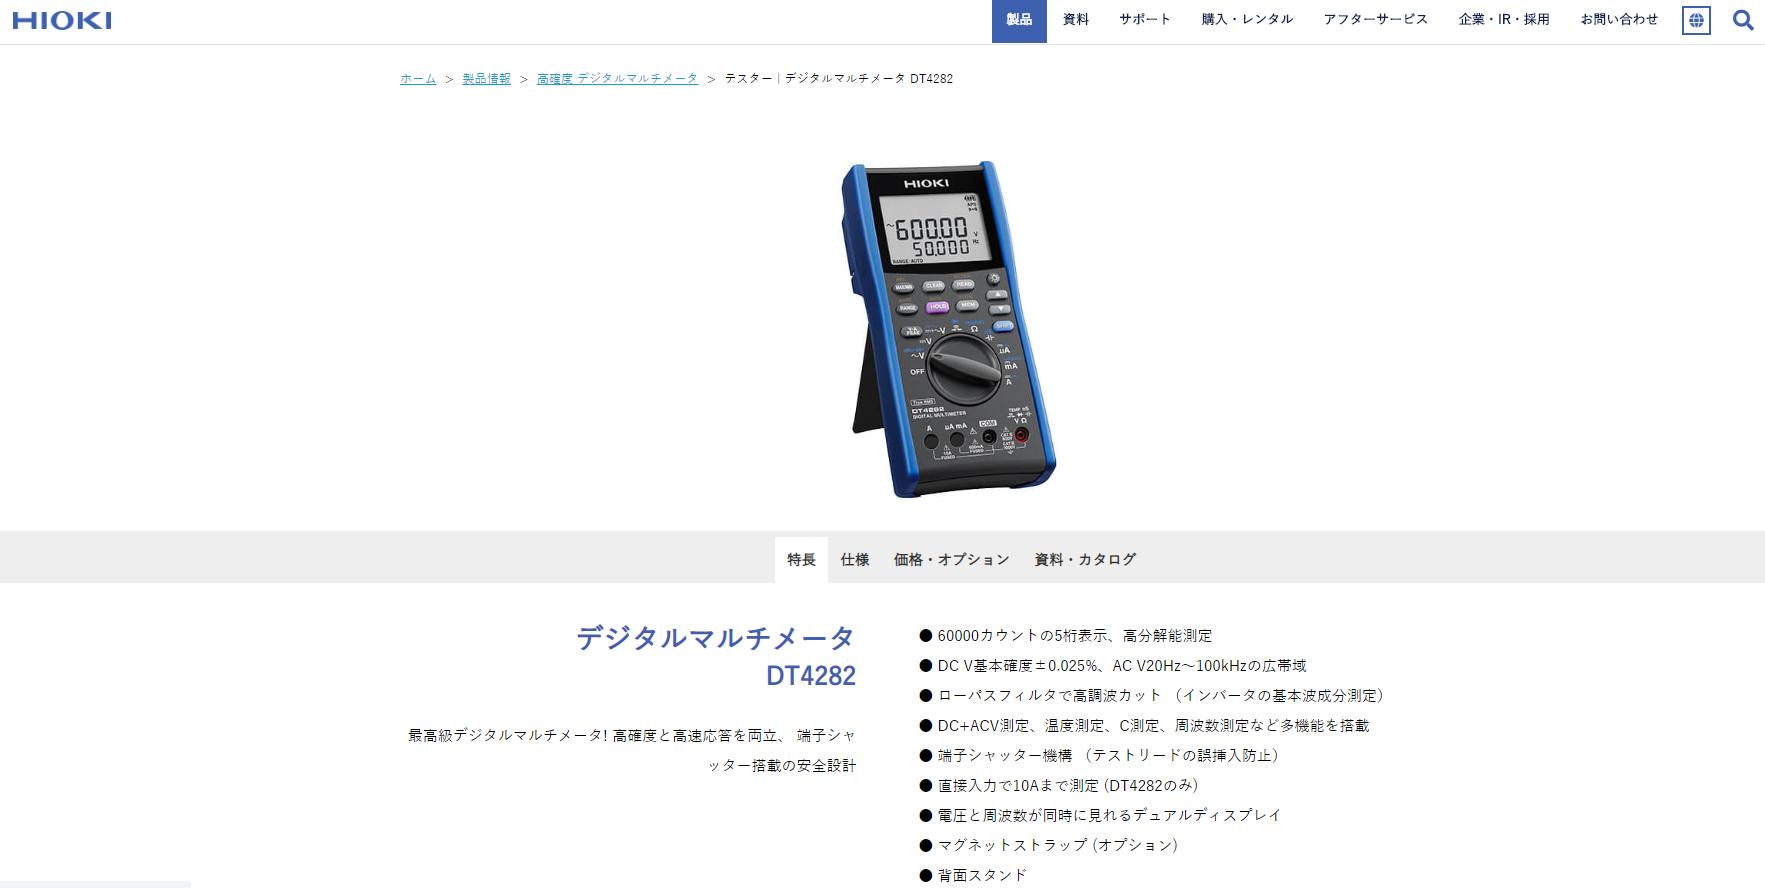 デジタルマルチメータ DT4282